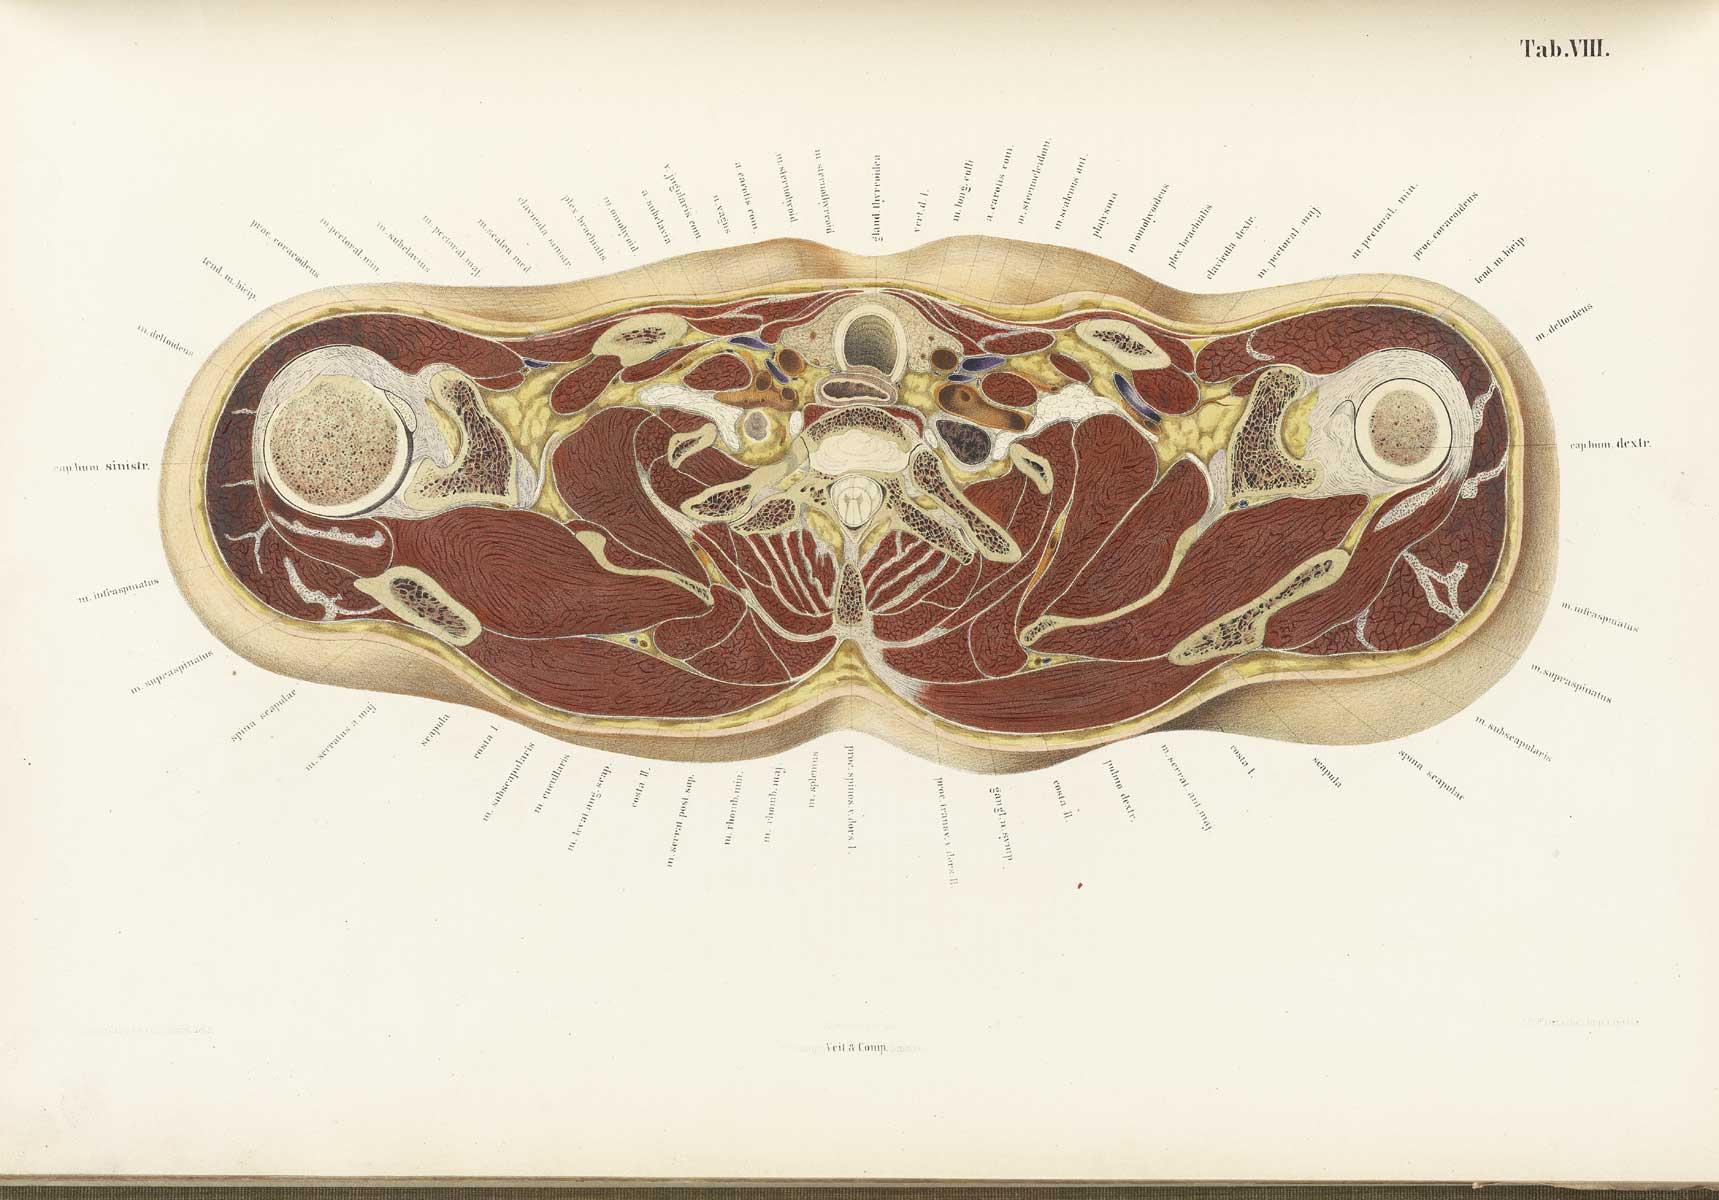 http://www.nlm.nih.gov/exhibition/historicalanatomies/Images/1200_pixels/braune08.jpg